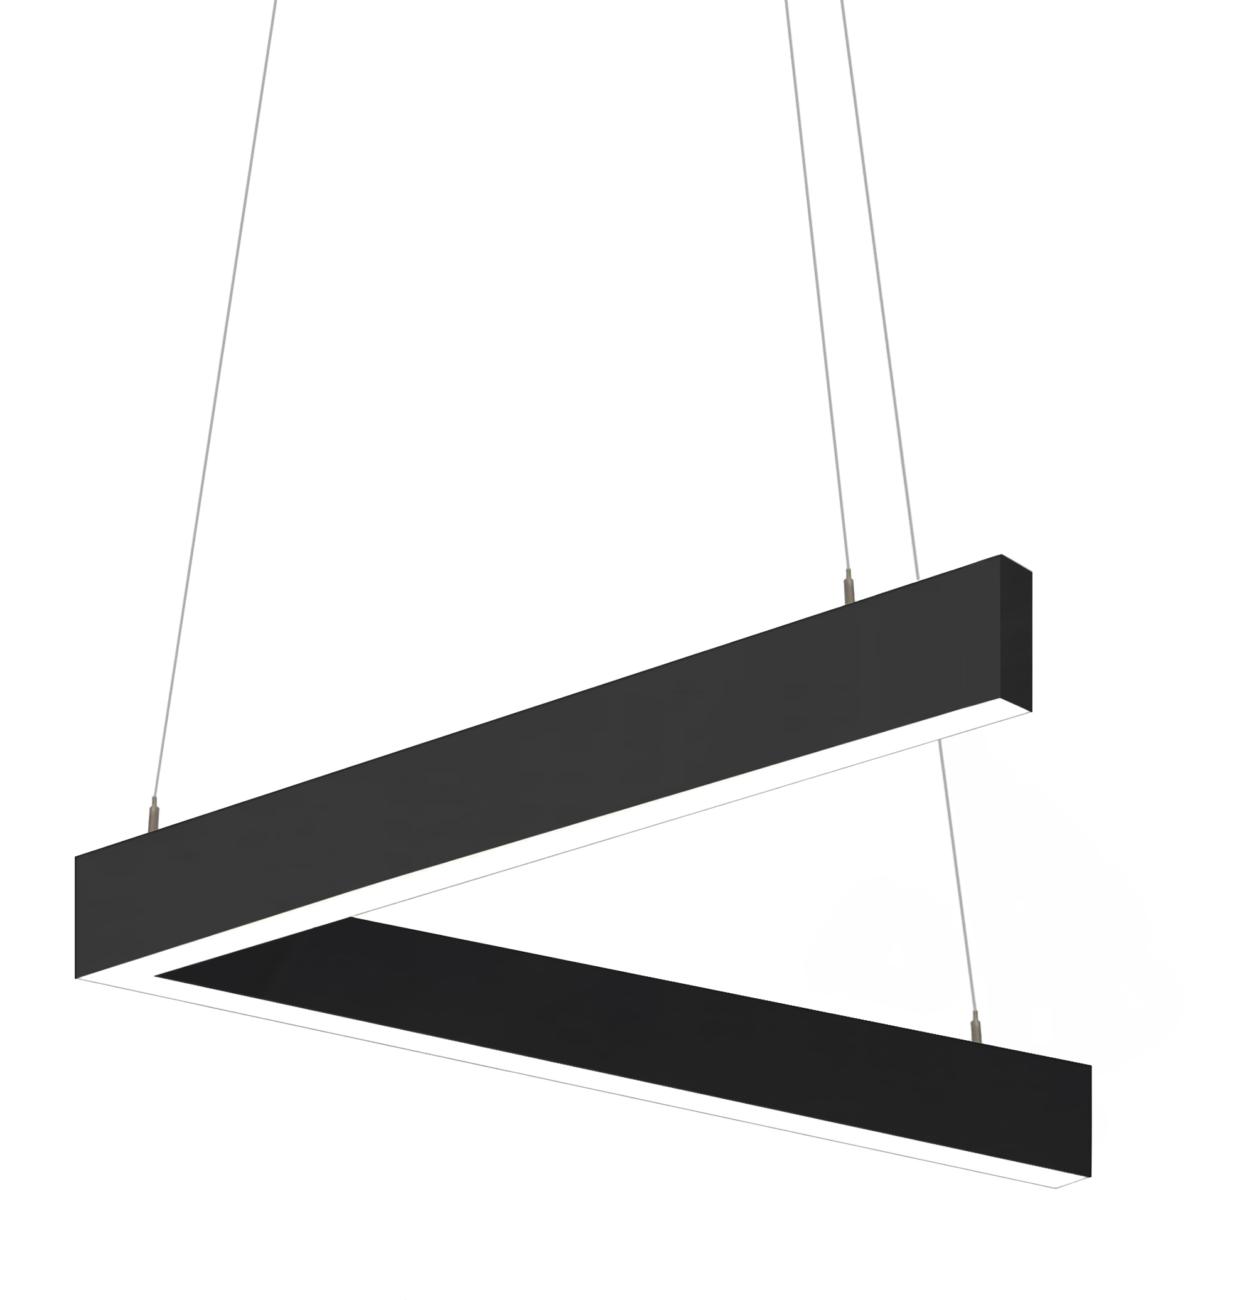 Светильник Style-3567. 500×500мм. 4000К/3000К. 17W/36W купить в Химках